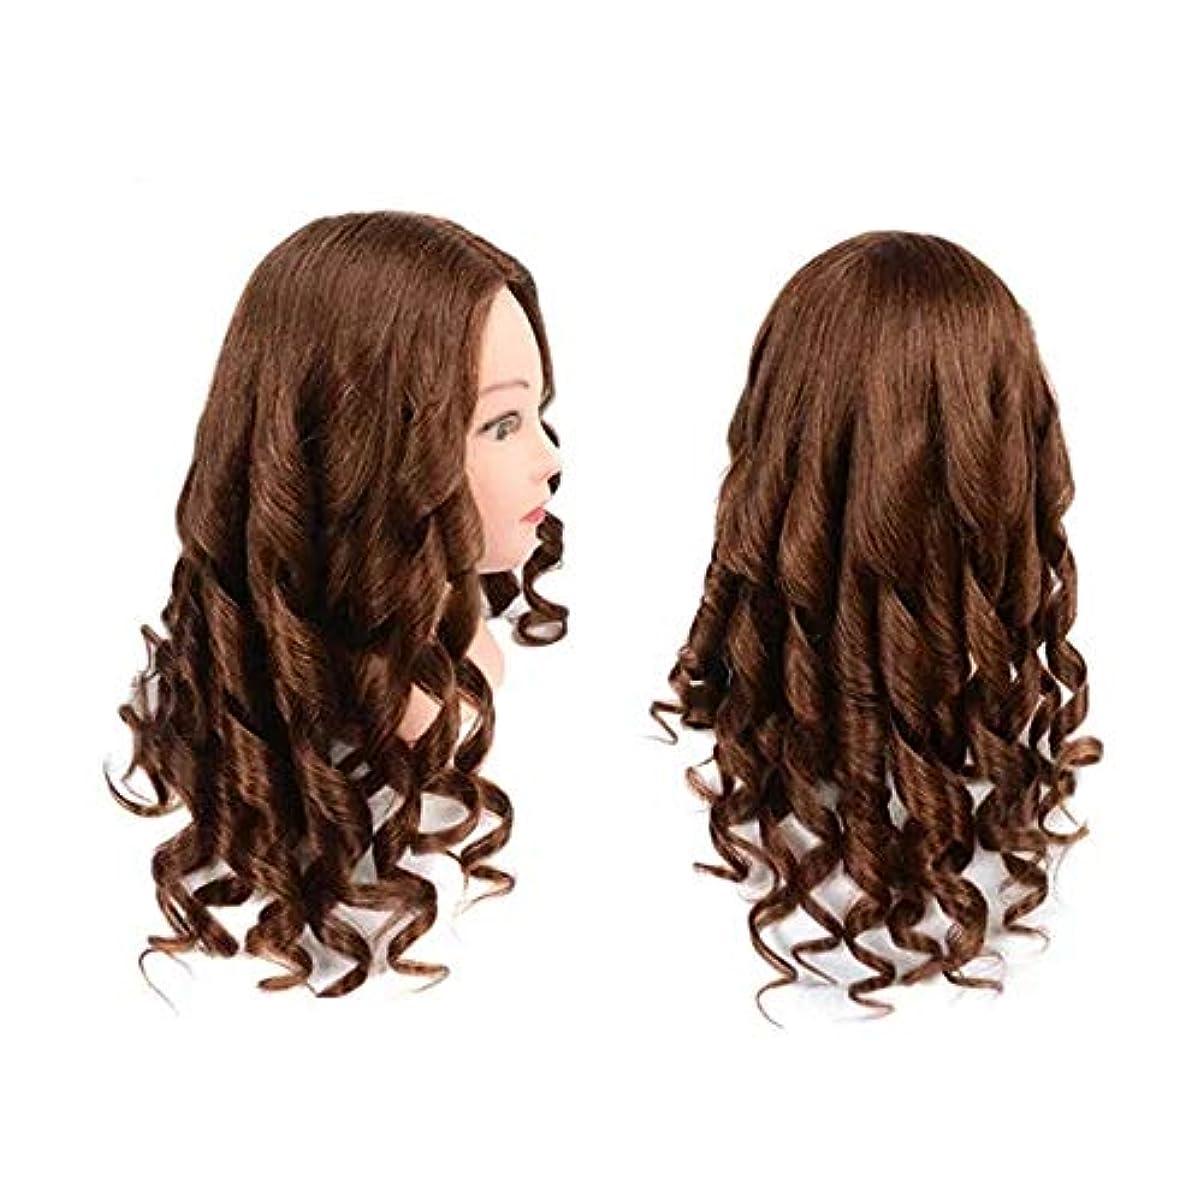 挽く拍手実現可能ヘアマネキンヘッド クランプ実践サロンでは80%の人間の髪マネキン頭部イエローナチュラルカラー ヘア理髪トレーニングモデル付き (色 : 褐色, サイズ : 60cm(hair length))